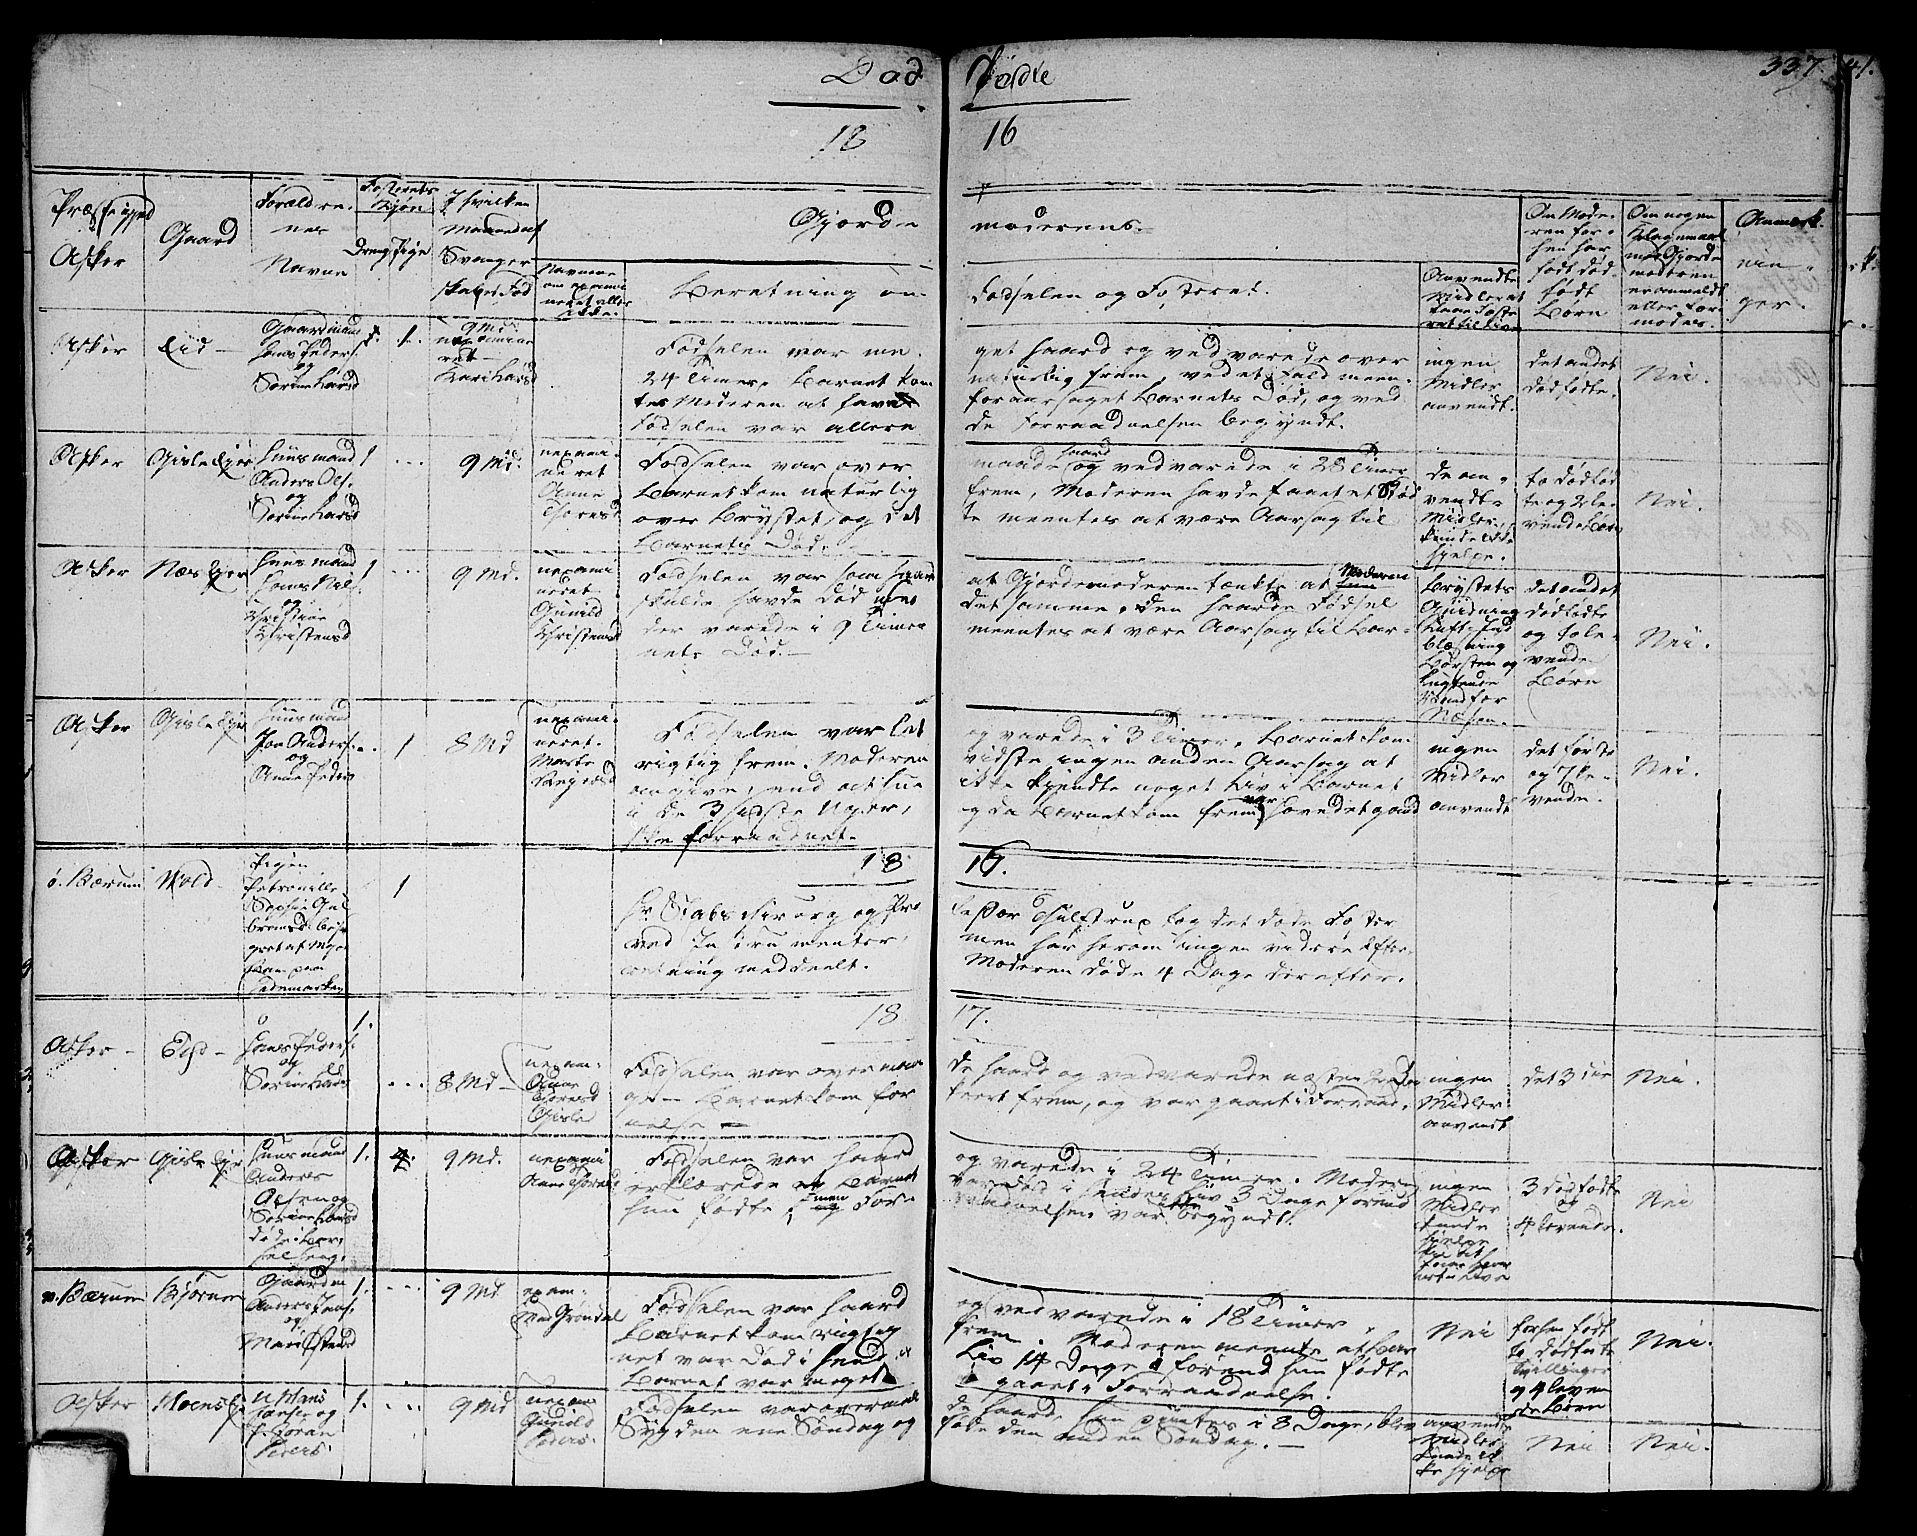 SAO, Asker prestekontor Kirkebøker, F/Fa/L0005: Ministerialbok nr. I 5, 1807-1813, s. 337